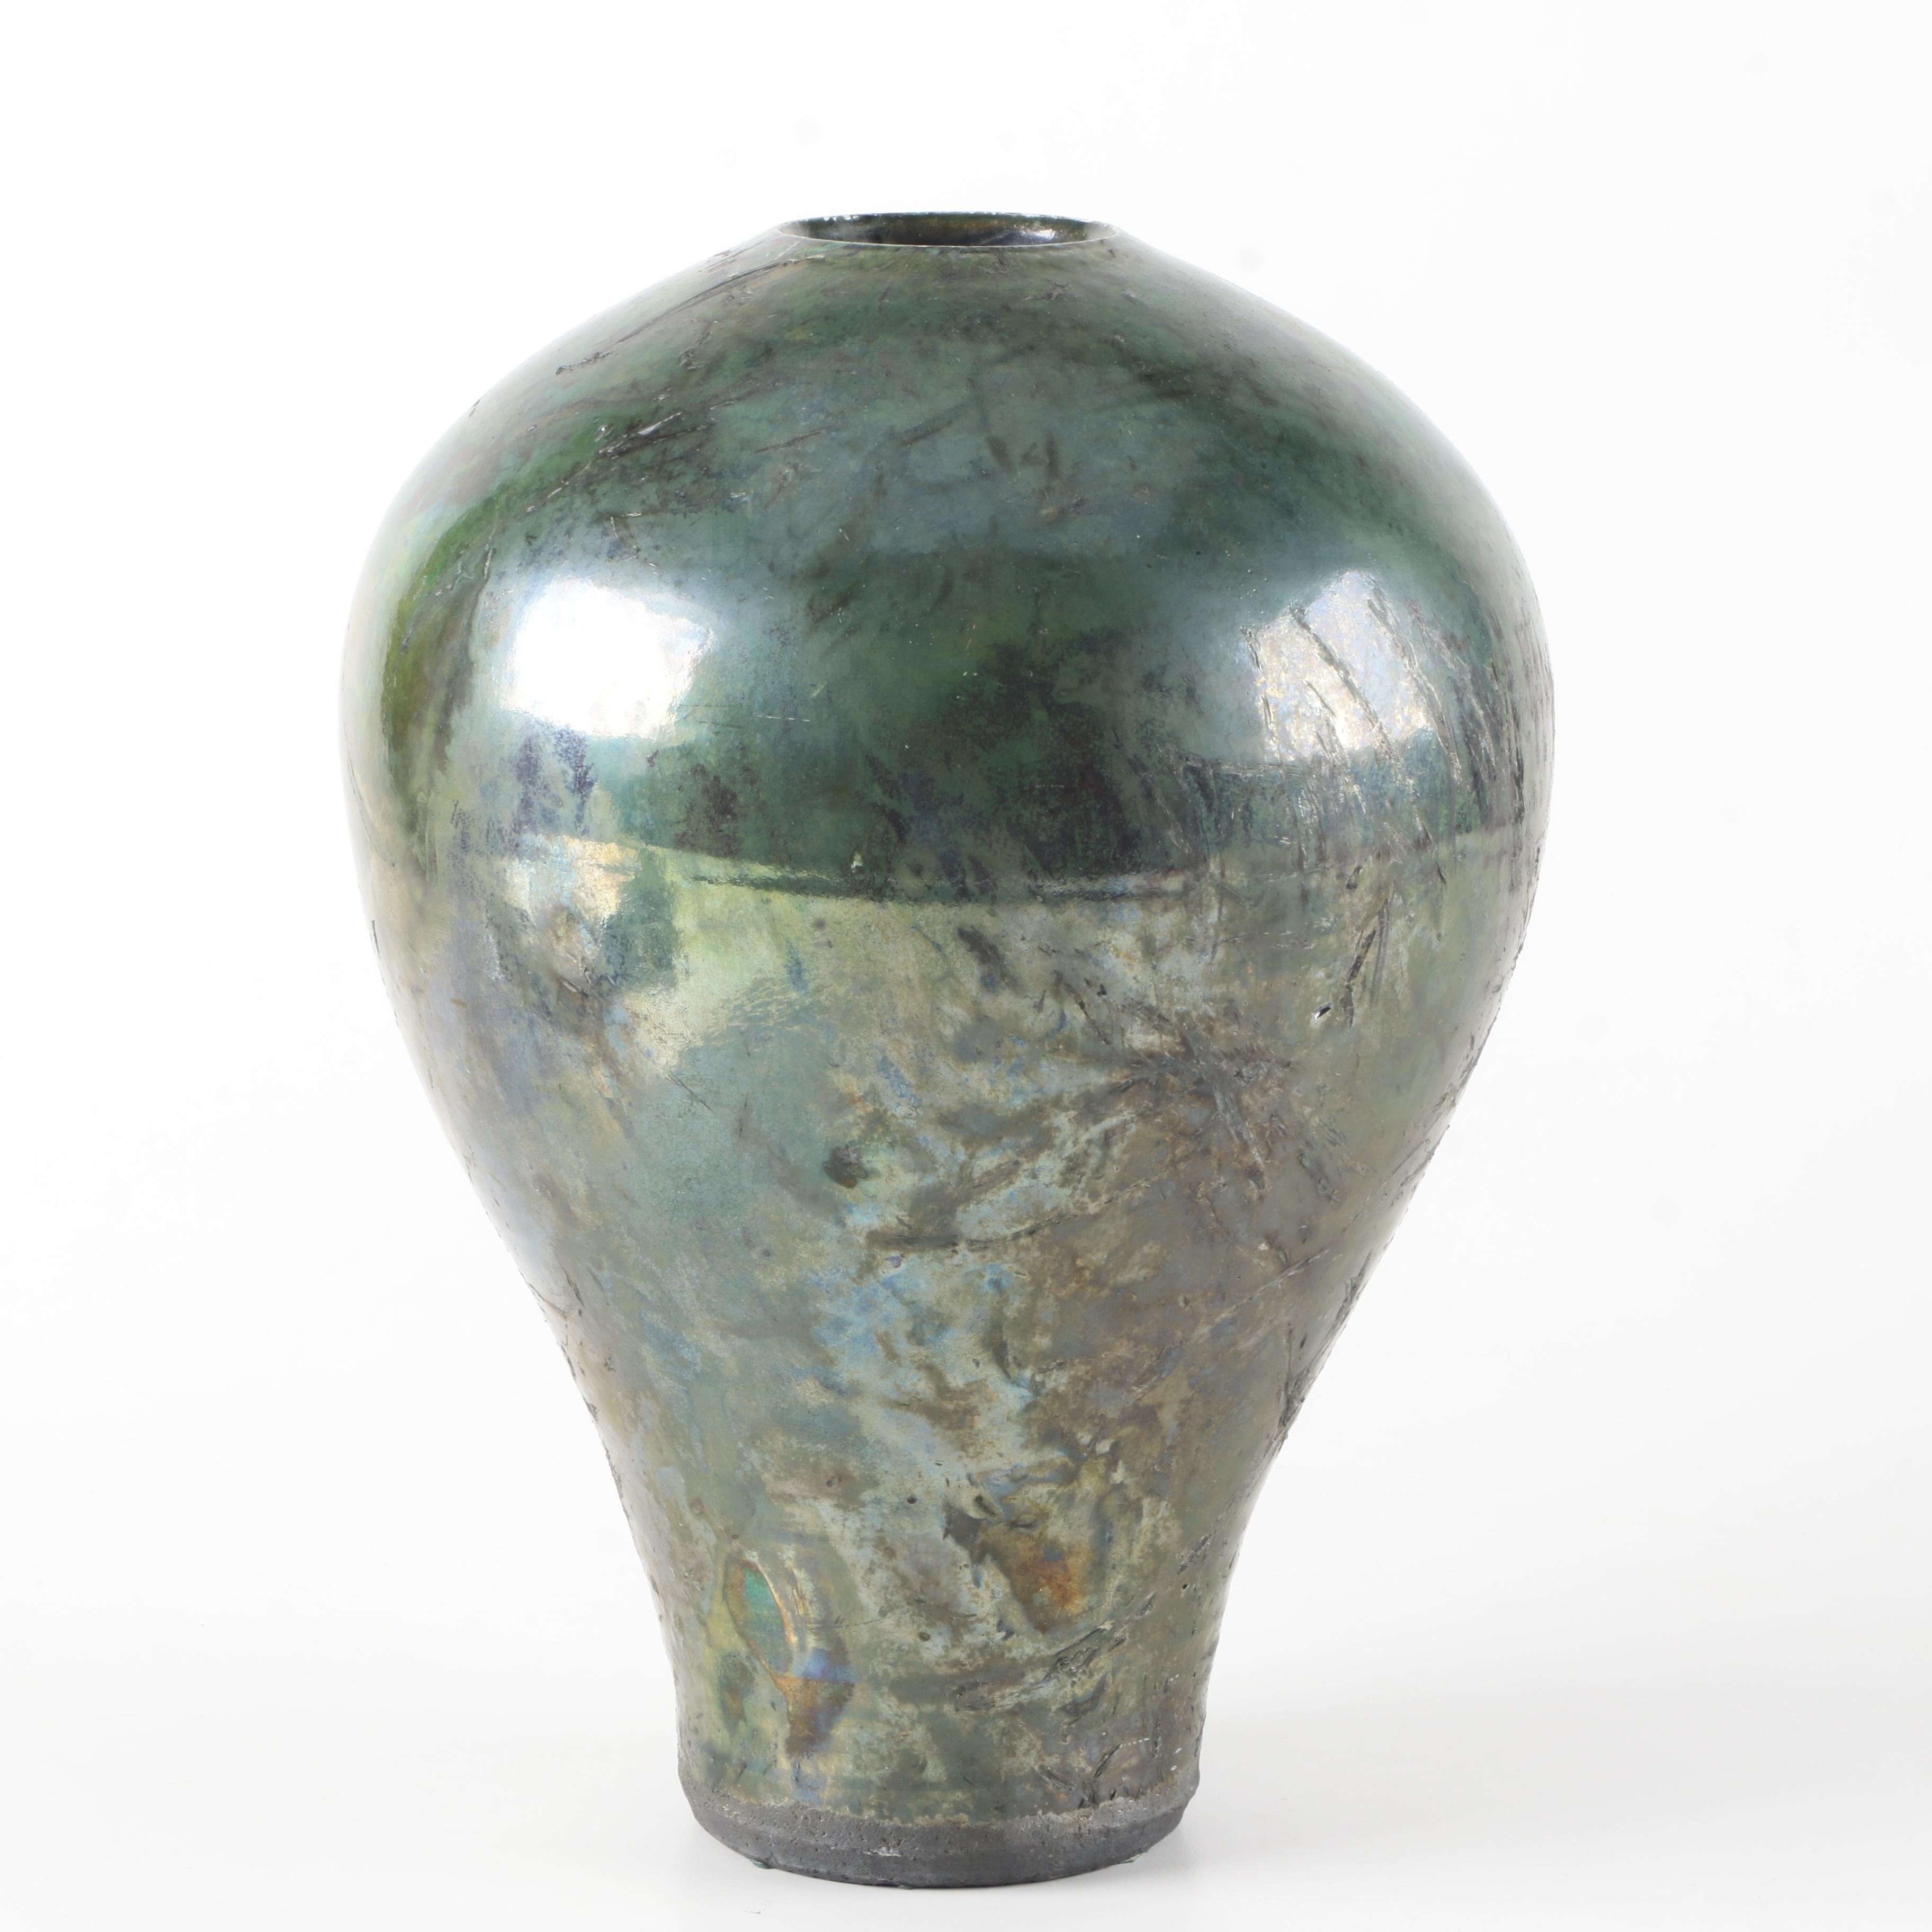 Metallic Green Raku Fired Thrown Stoneware Vase